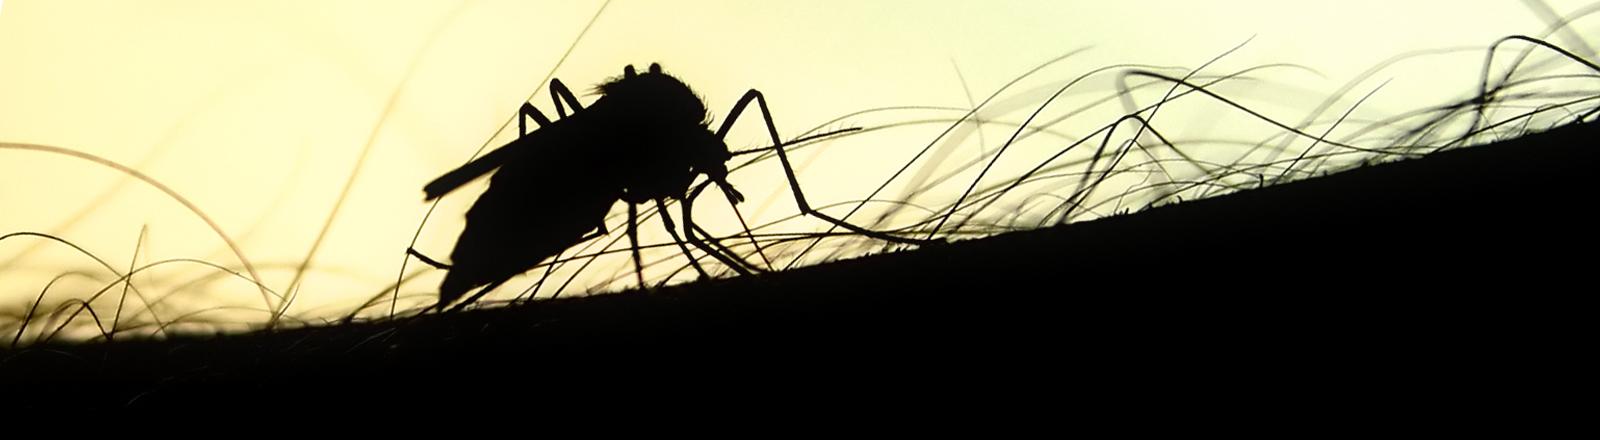 Nahaufnahme einer Mücke, die auf einem behaarten Stück Körper sitzt